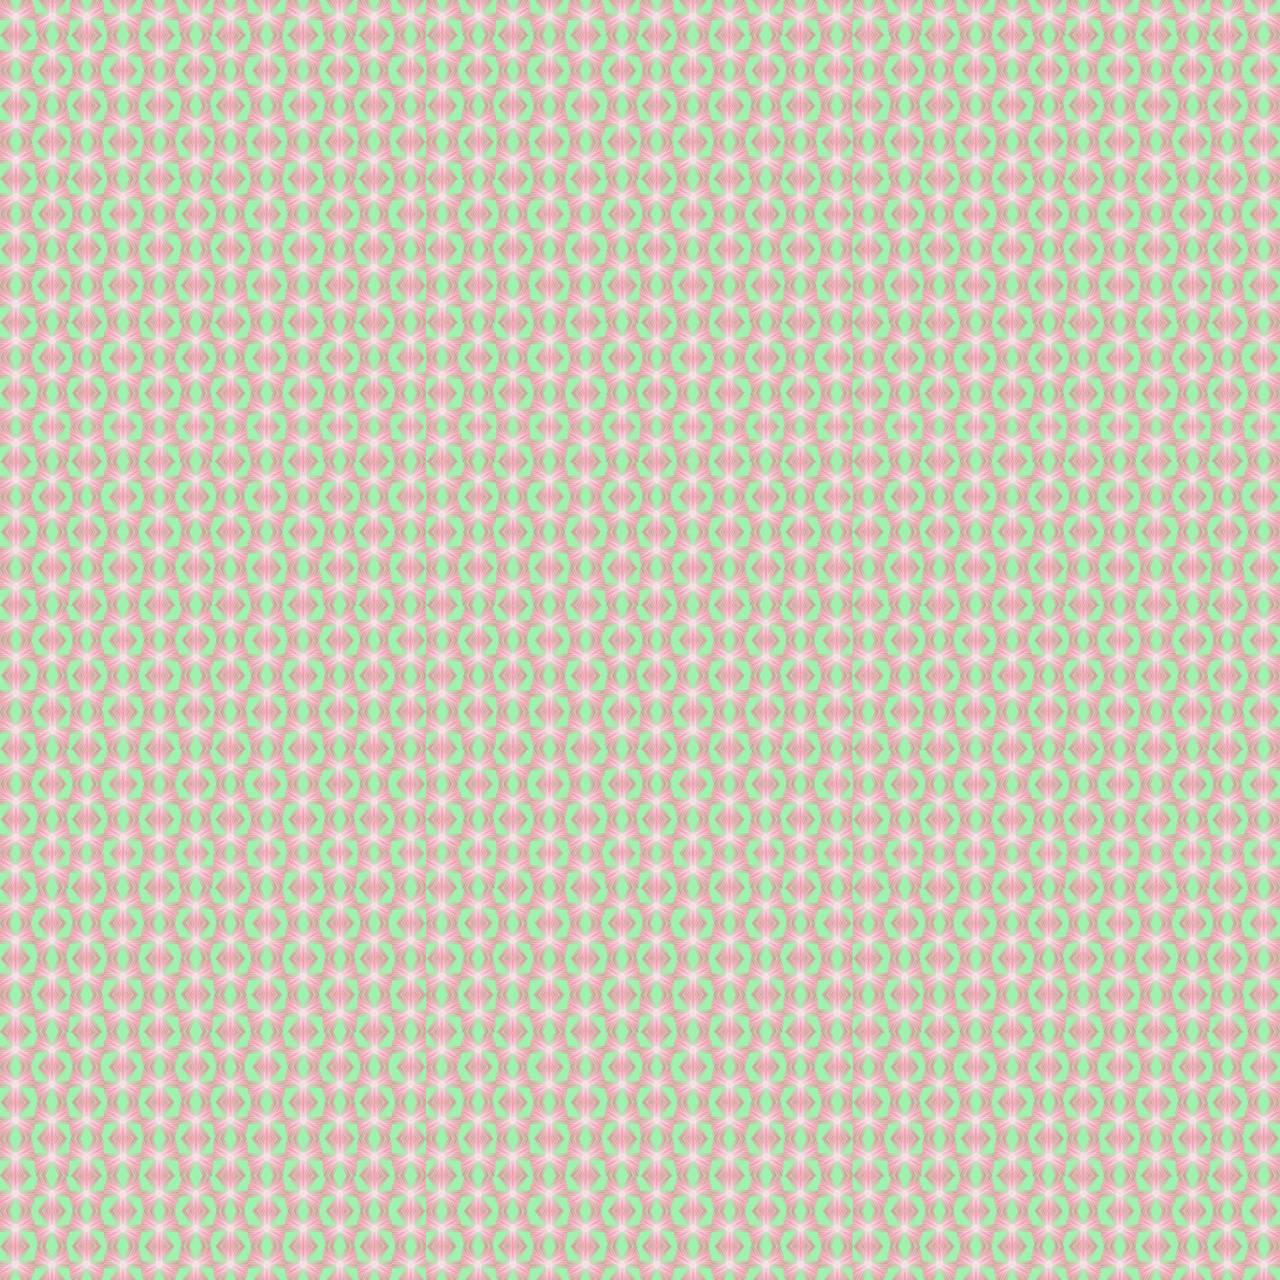 Tiled Wallpaper 48-3